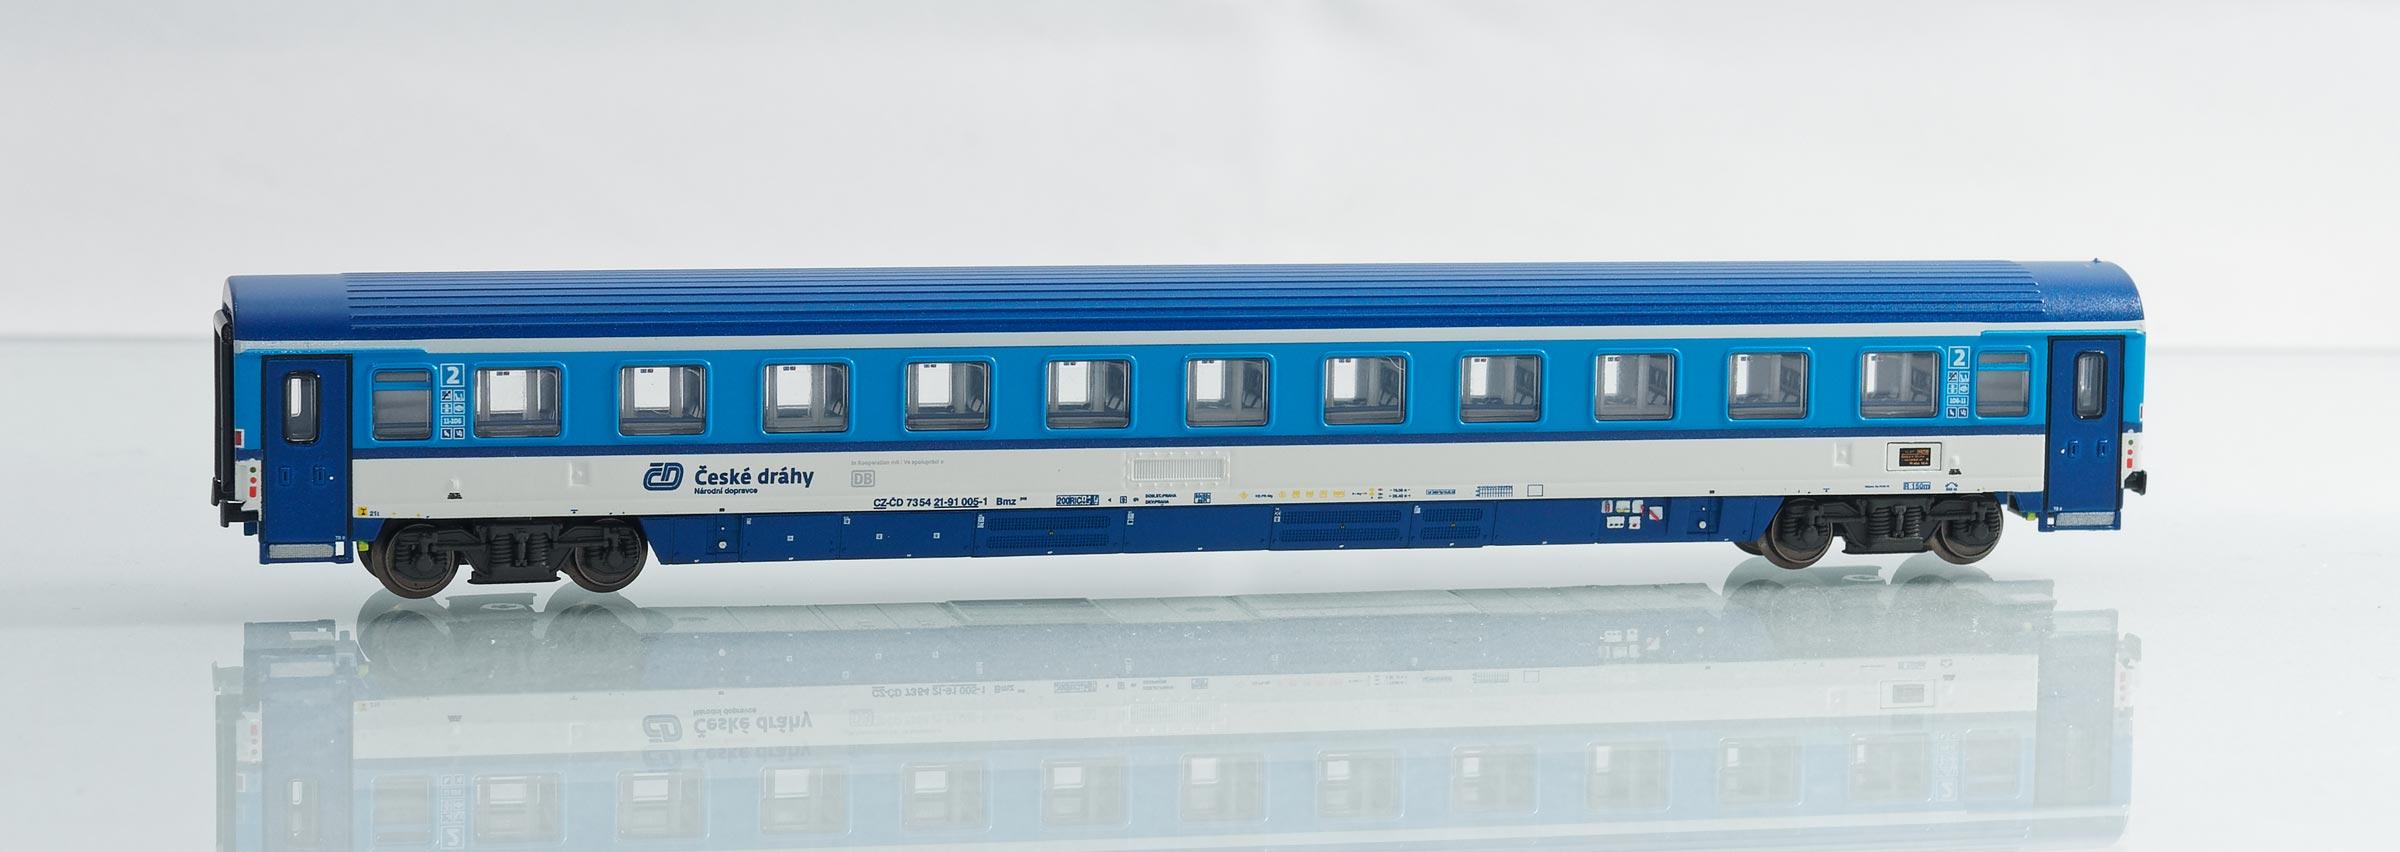 195428:EuroCity-Abteilwagen 2. Klasse, Bauart Bmz 245 der Tschechischen Eisenbahnen ČD